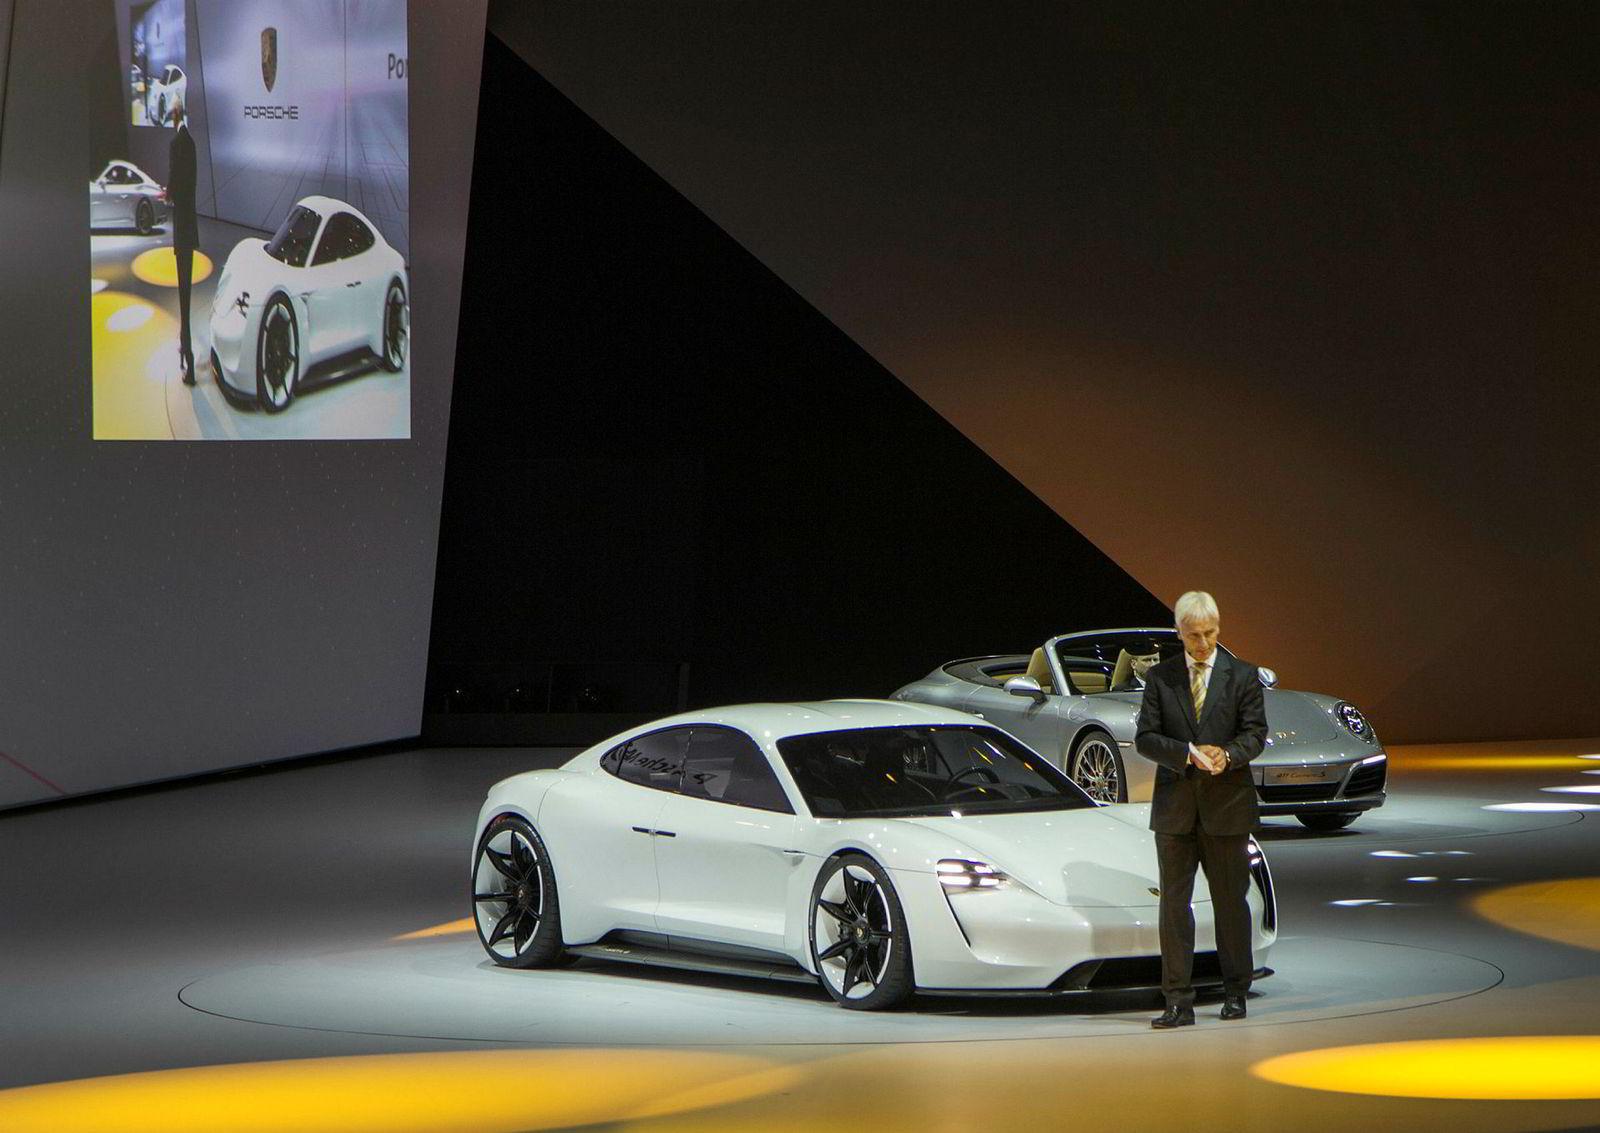 Den 14. september 2015 presenterte Mathias Müller Porsche Mission E i Frankfurt. 11 dager senere får han jobben som toppsjef for Volkswagen Gruppen etter at dieselskandalen blir kjent. Müller gikk av som sjef for VW tidligere i april.